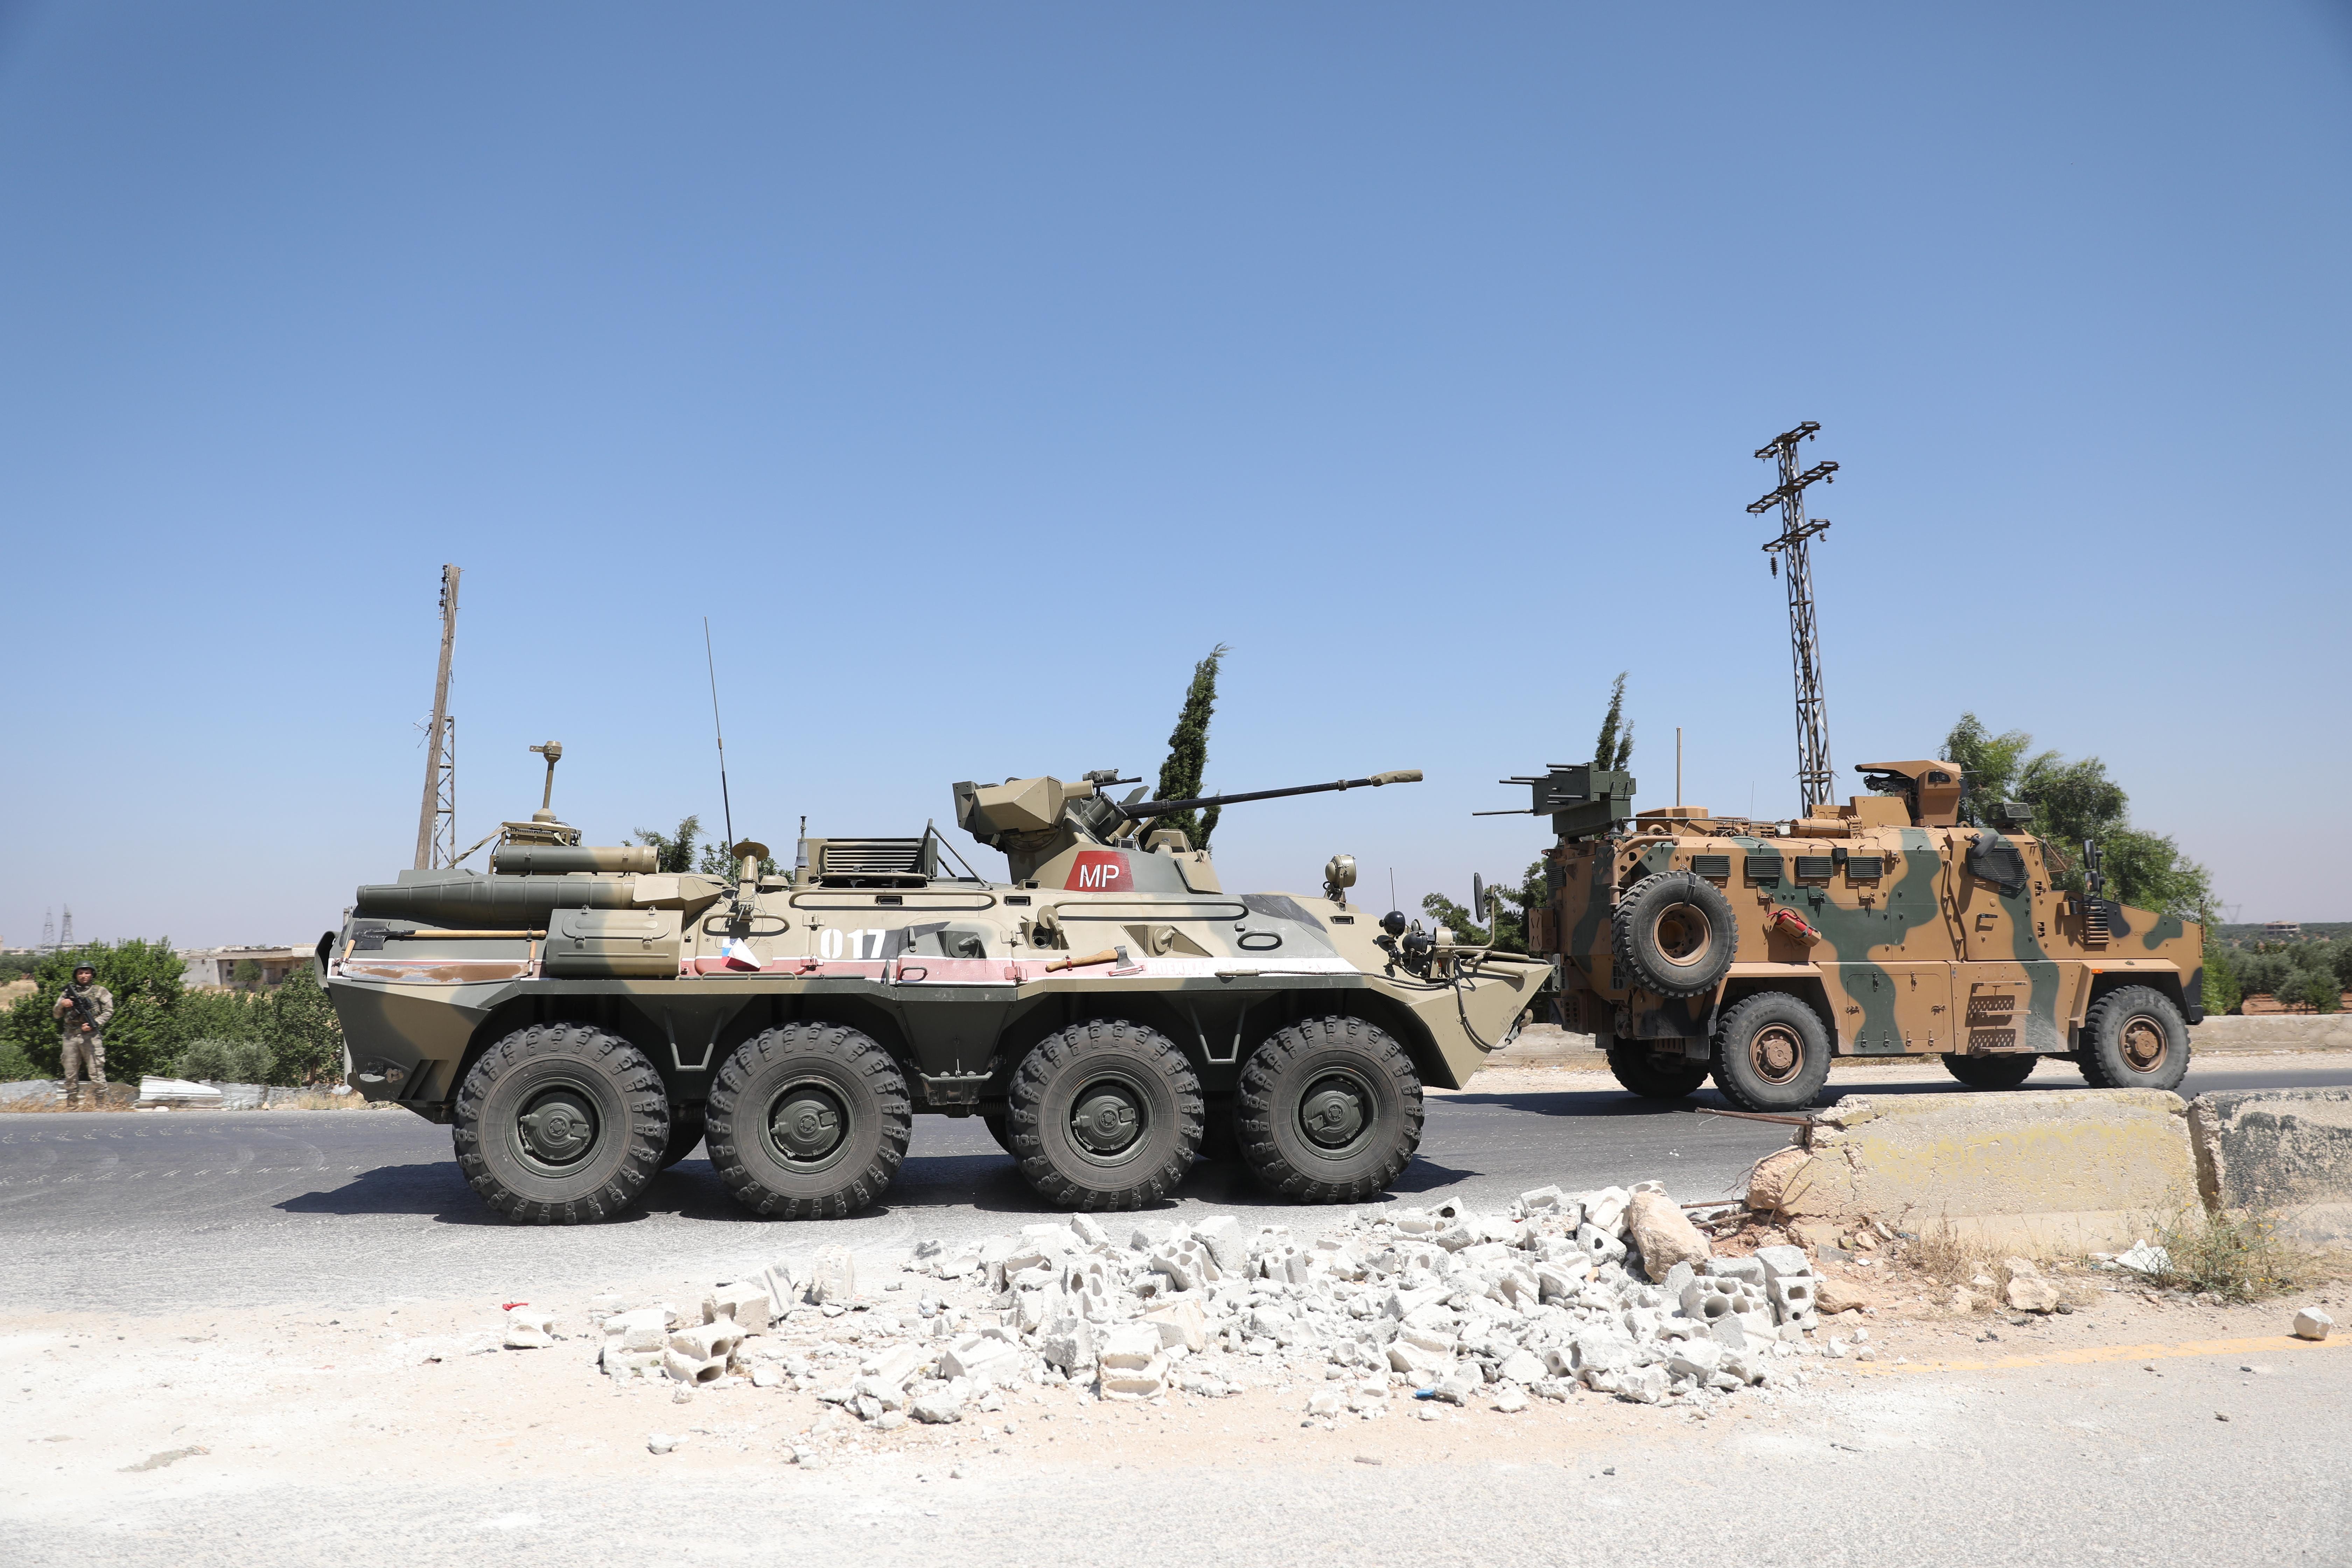 Шойгу назвал количество ликвидированных боевиков в Сирии за пять лет